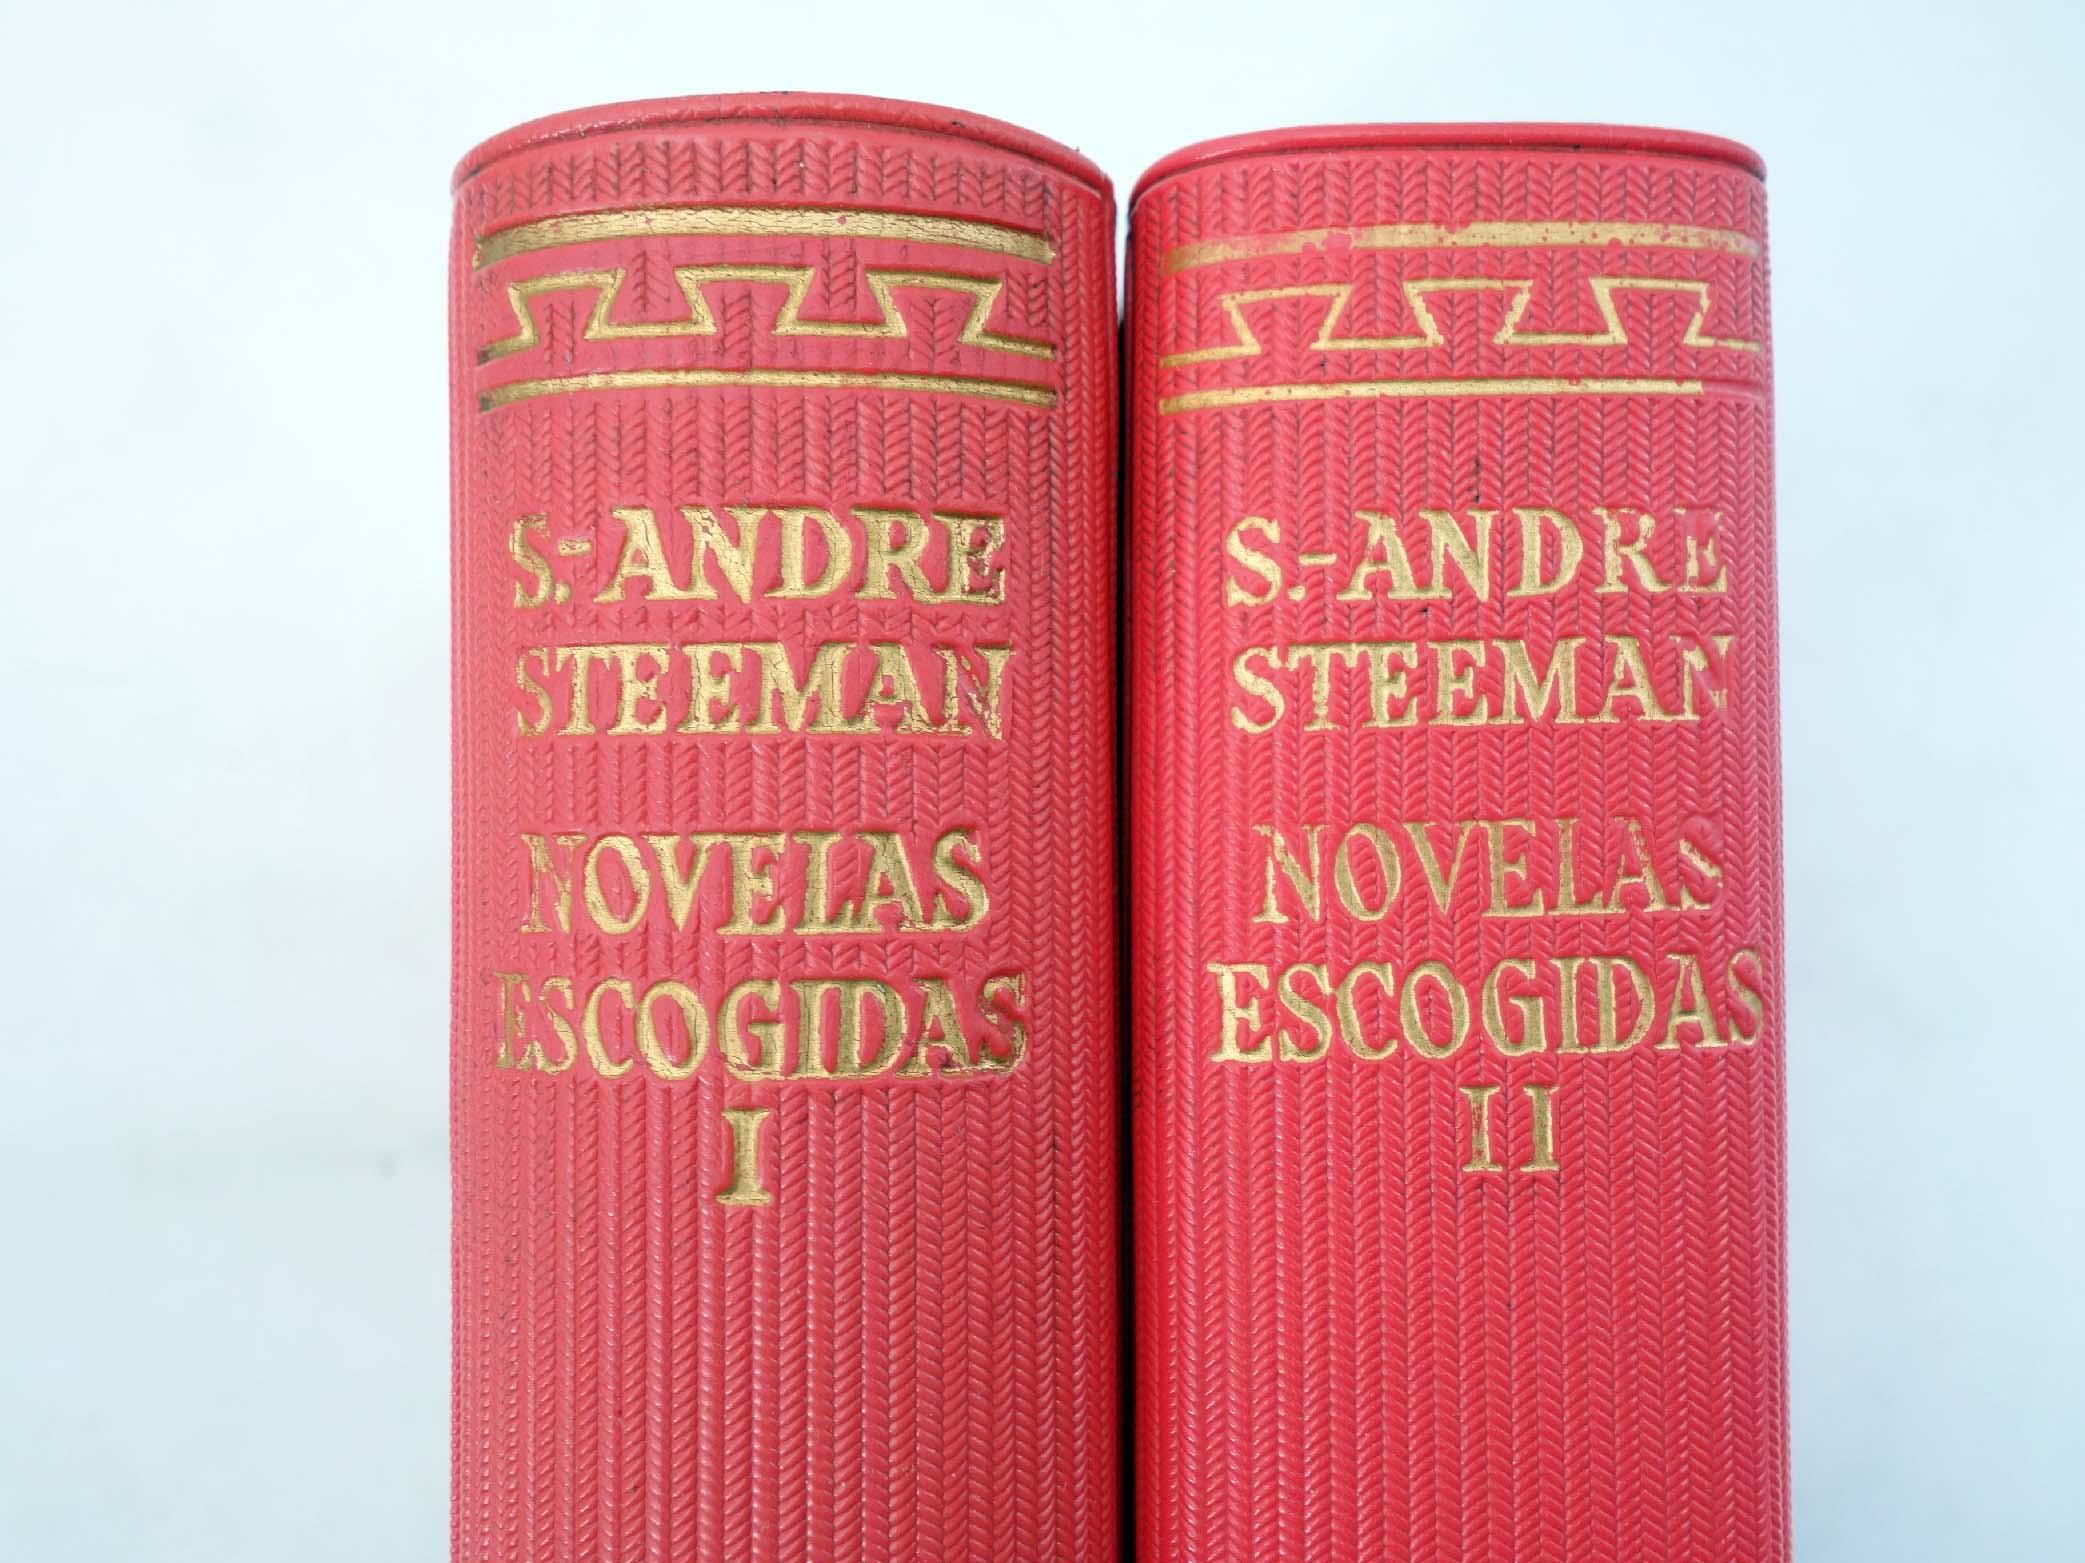 STANISLAS-ANDRE STEEMAN. NOVELAS ESCOGIDAS I Y II